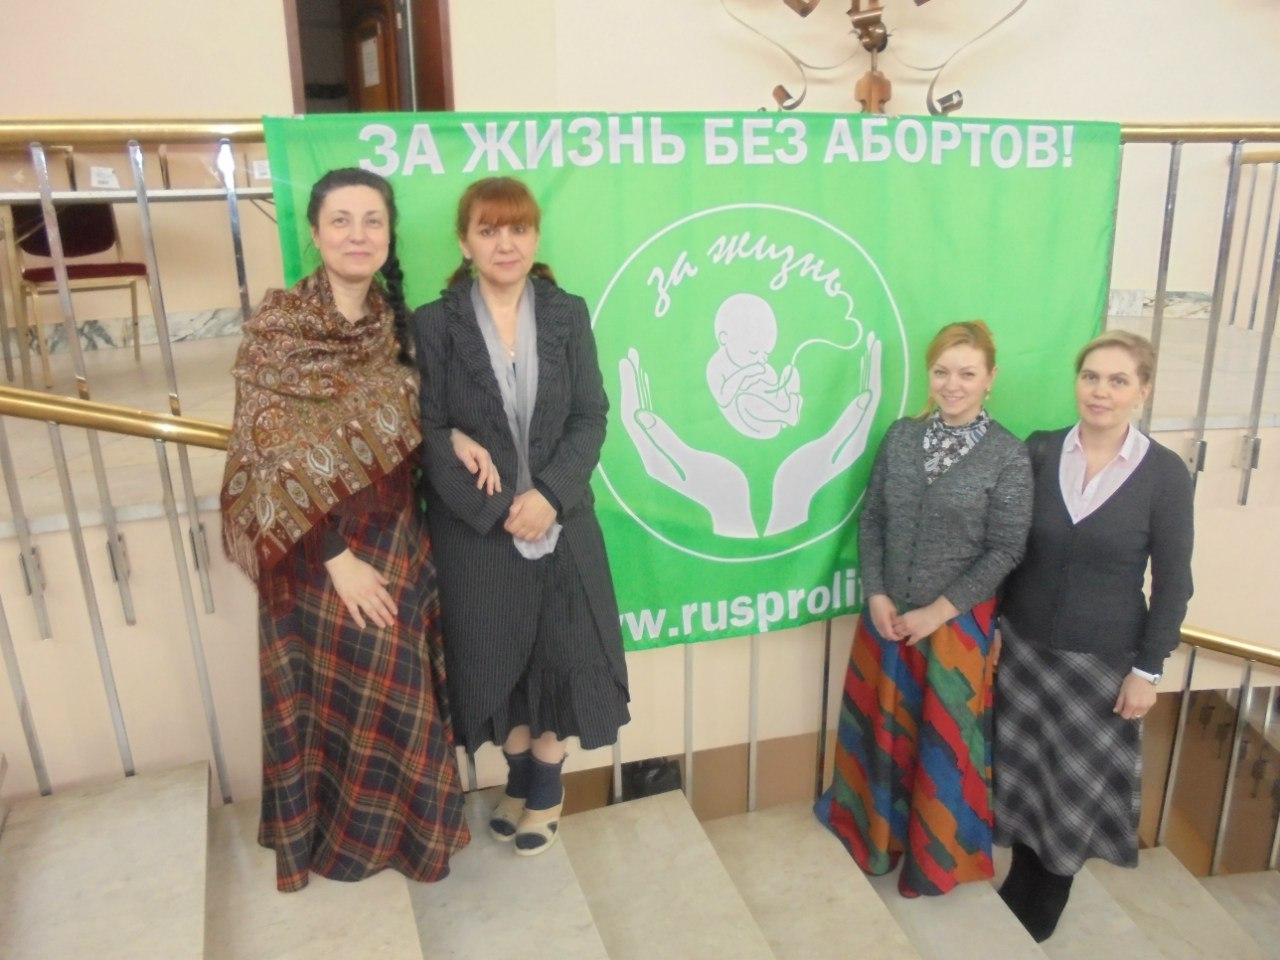 XXIV Международные образовательные чтения в Москве